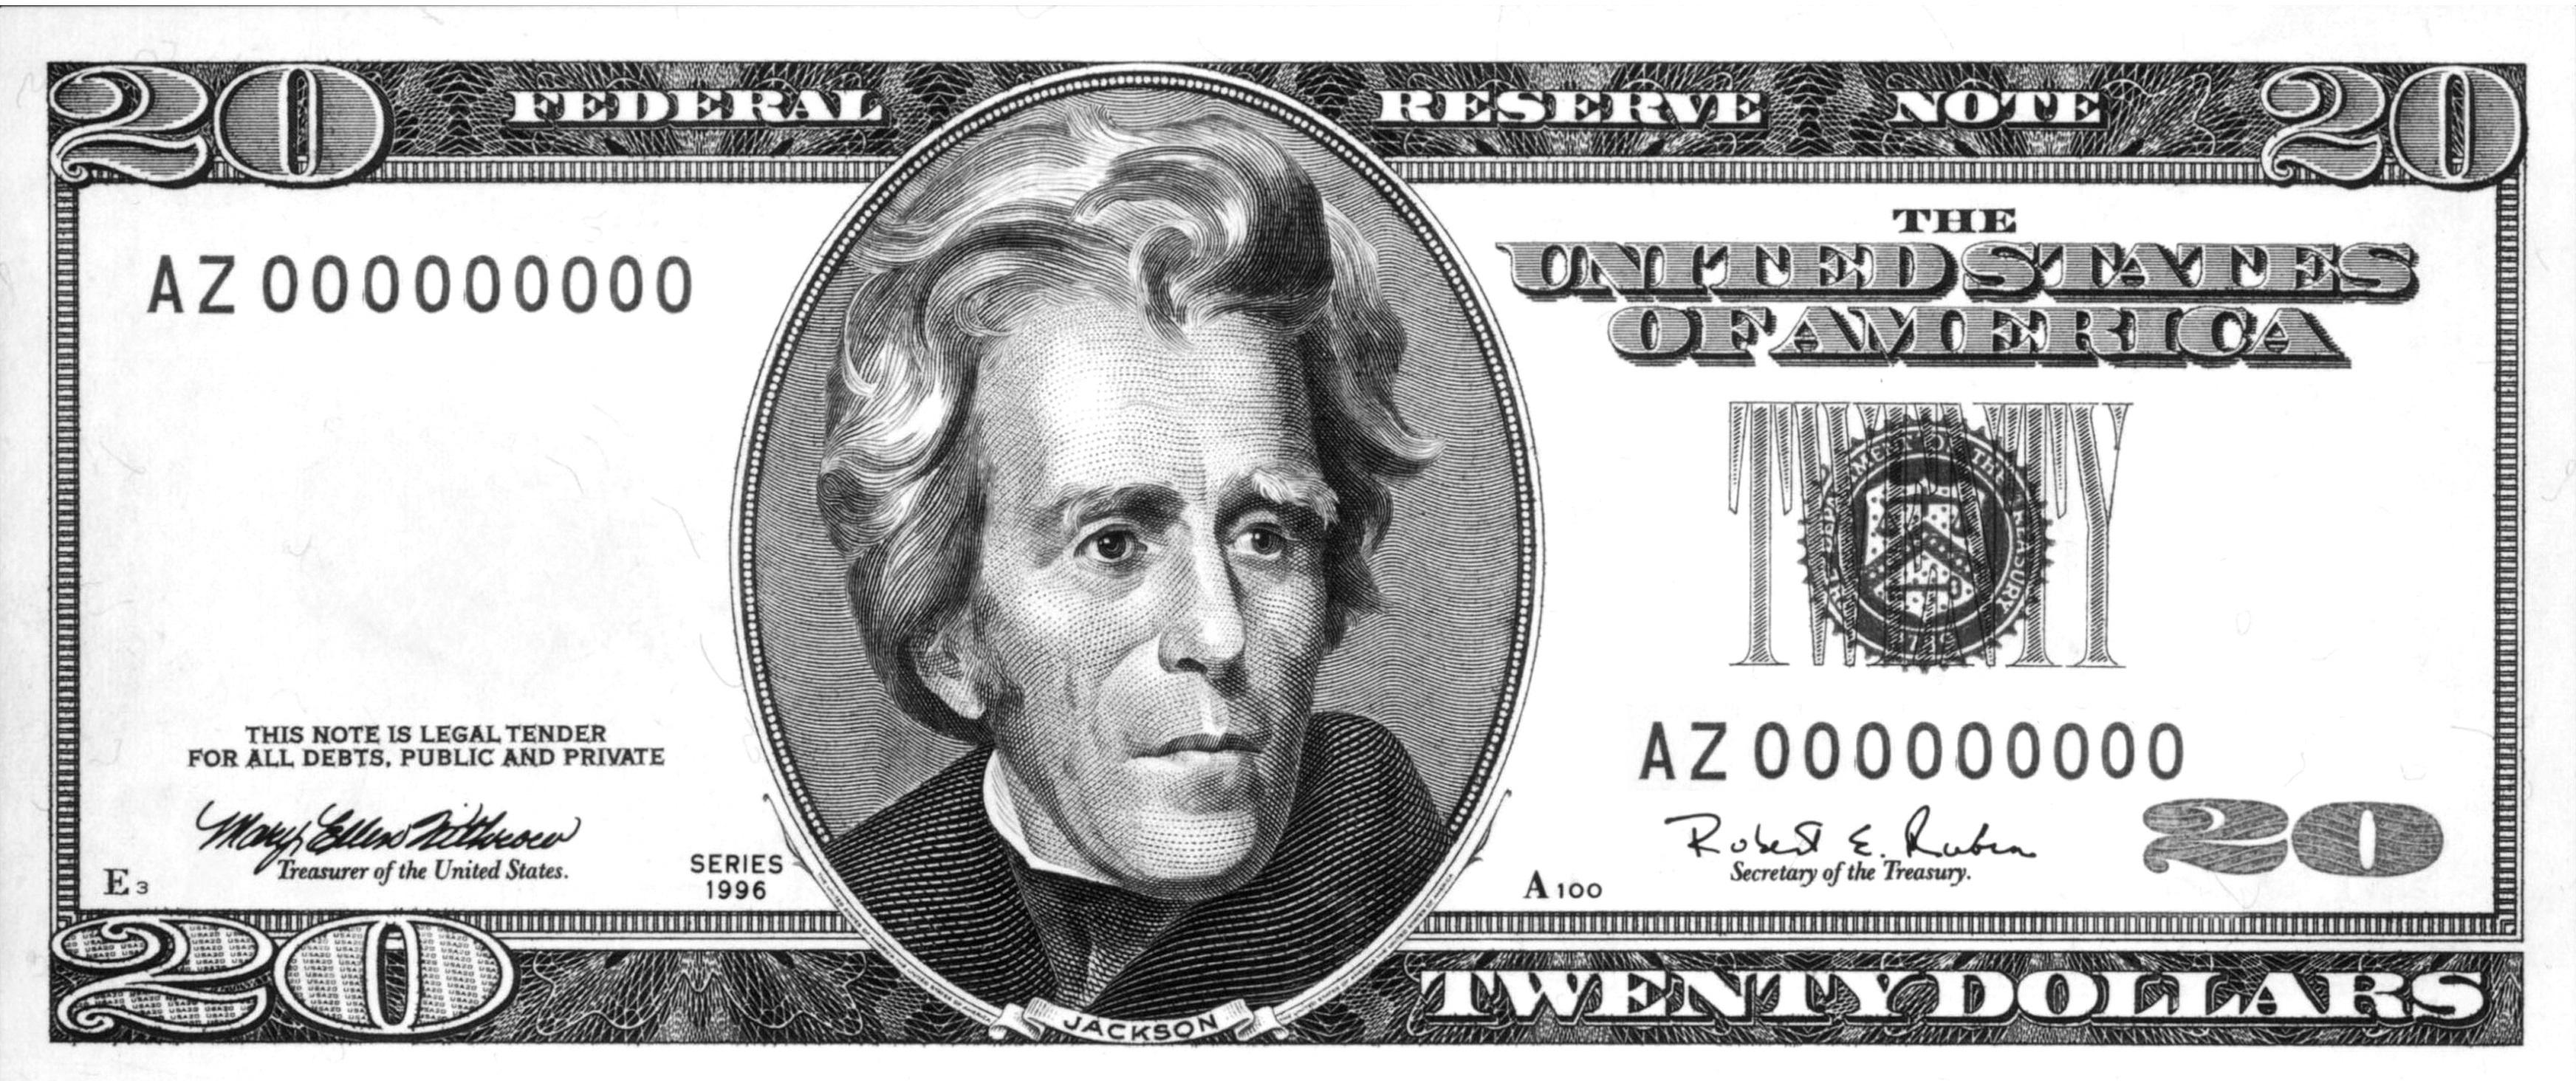 Minute Of Life Makes Dollar Bills Talk